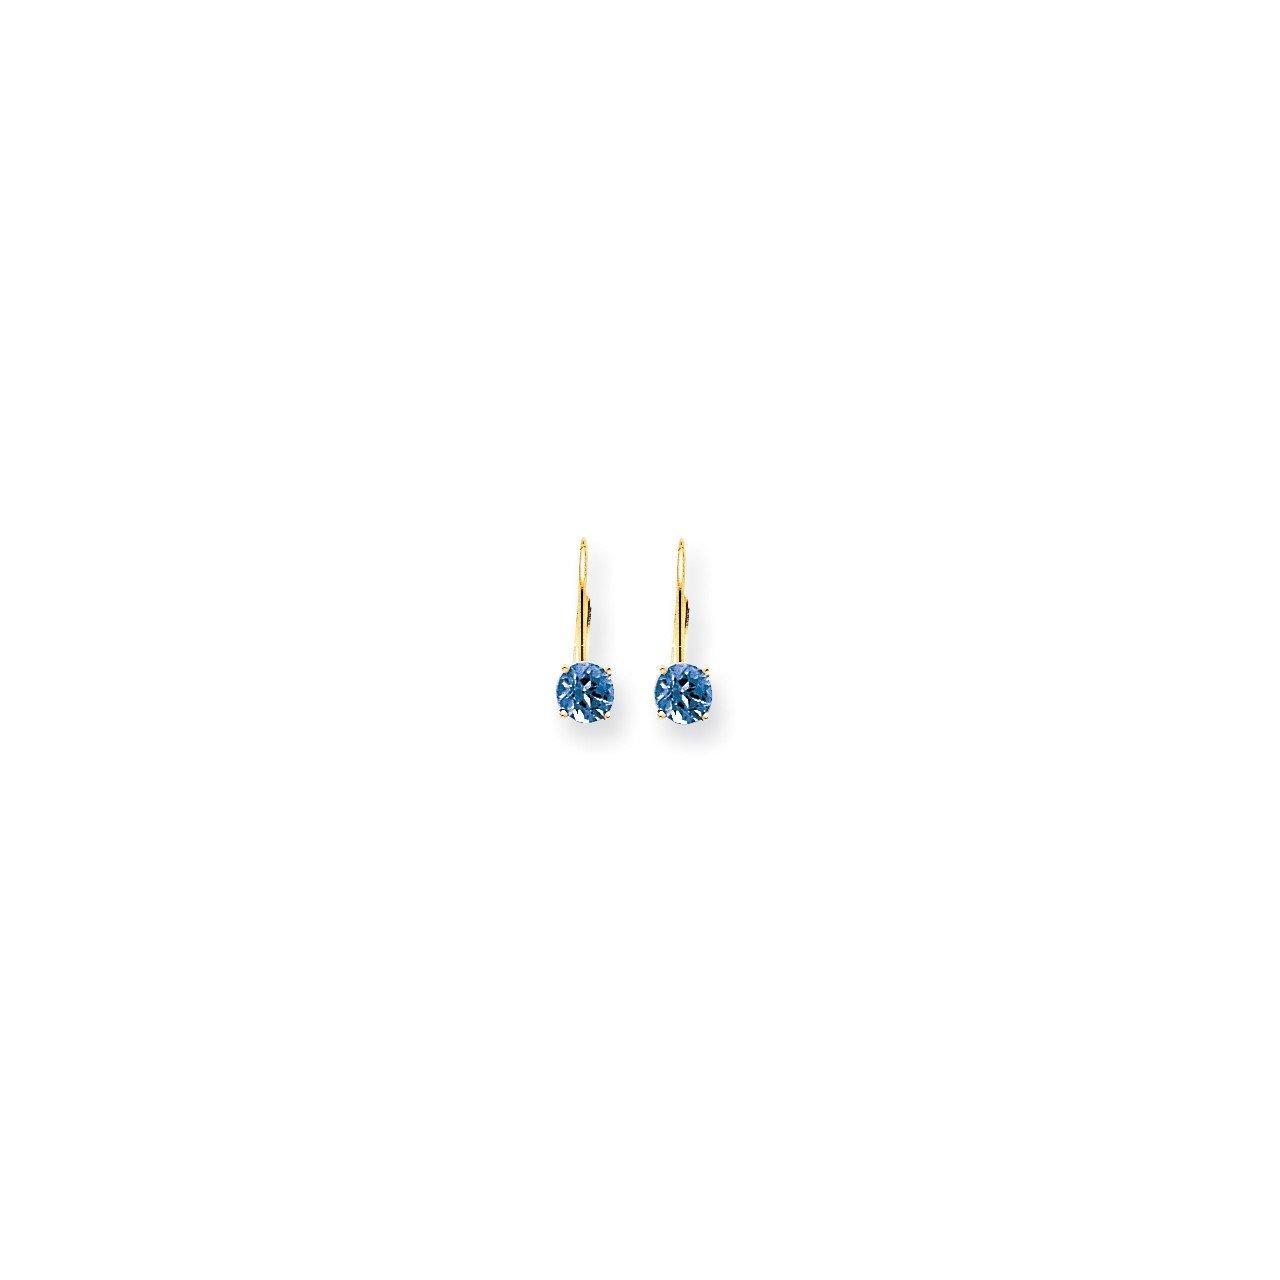 14k 5mm Tanzanite leverback earring